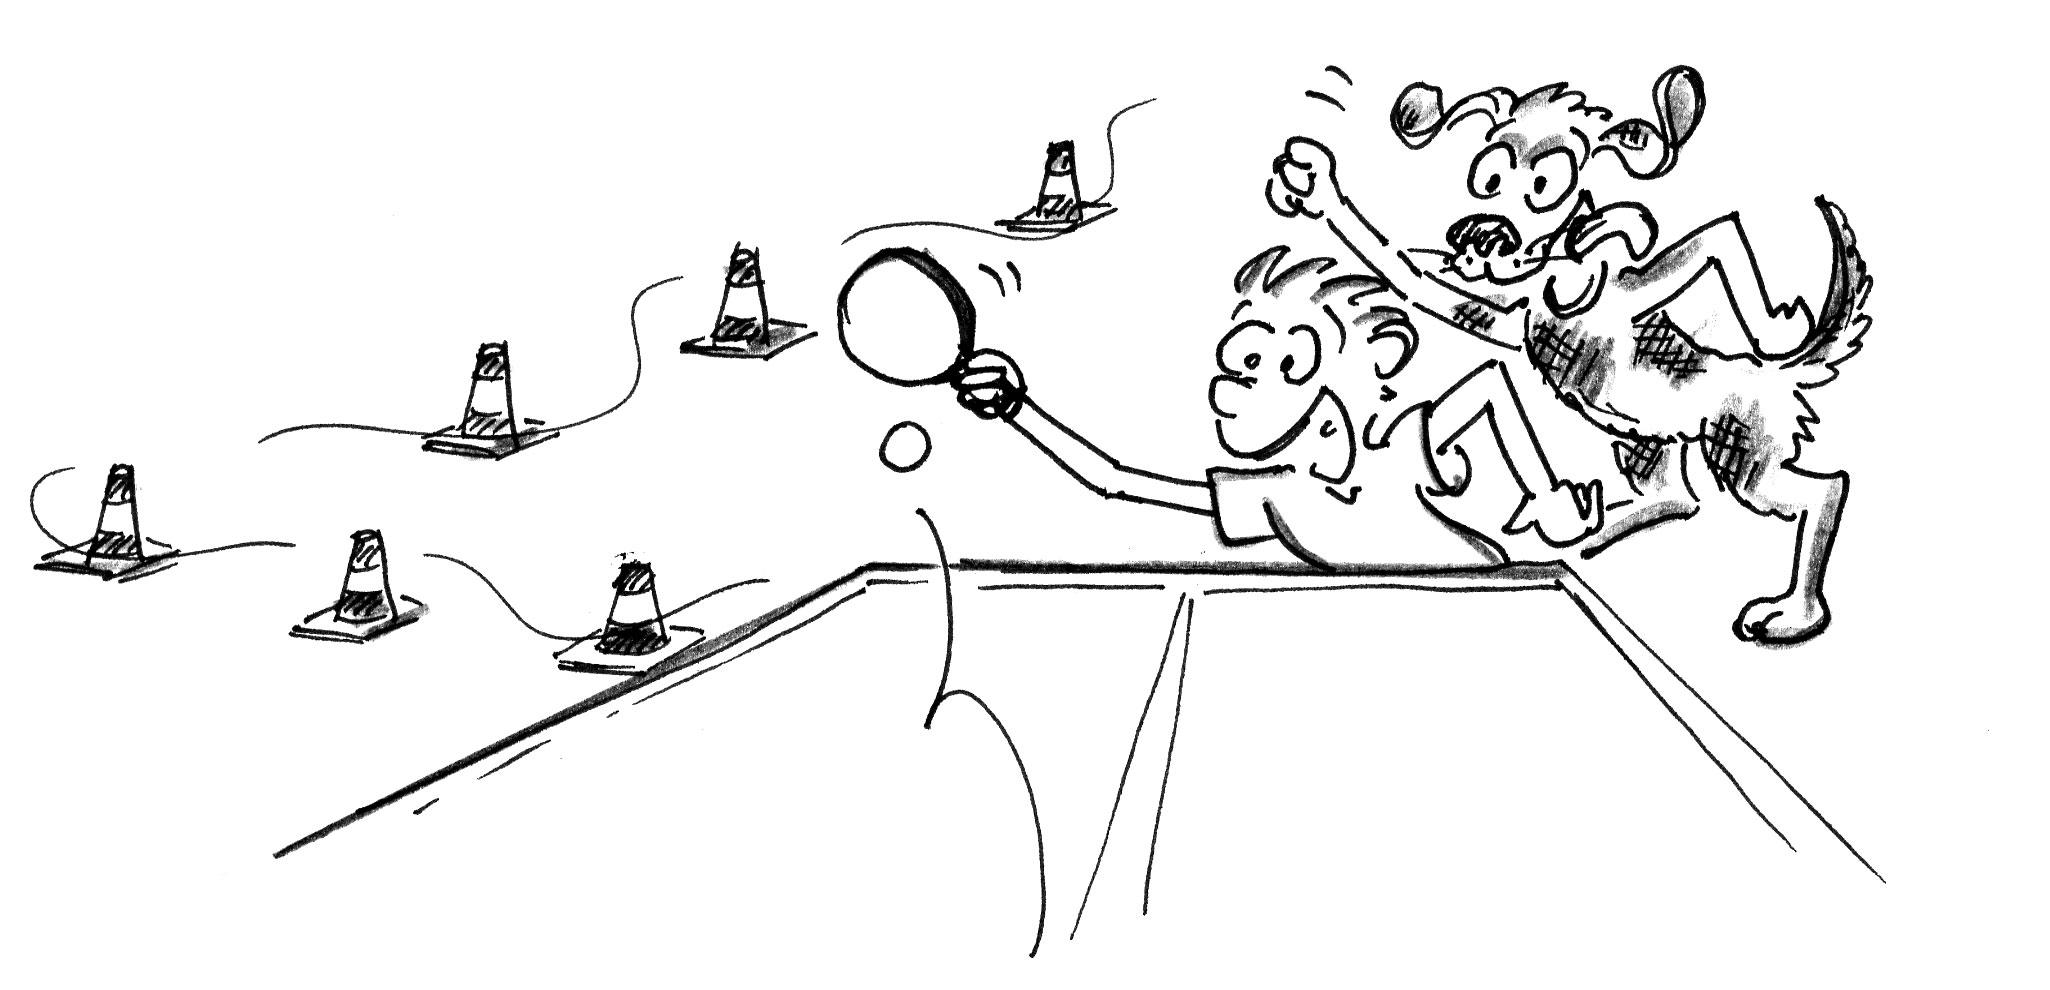 Jeux de renvoi avec enfants tennis de table le ma tre - Dessin tennis de table ...